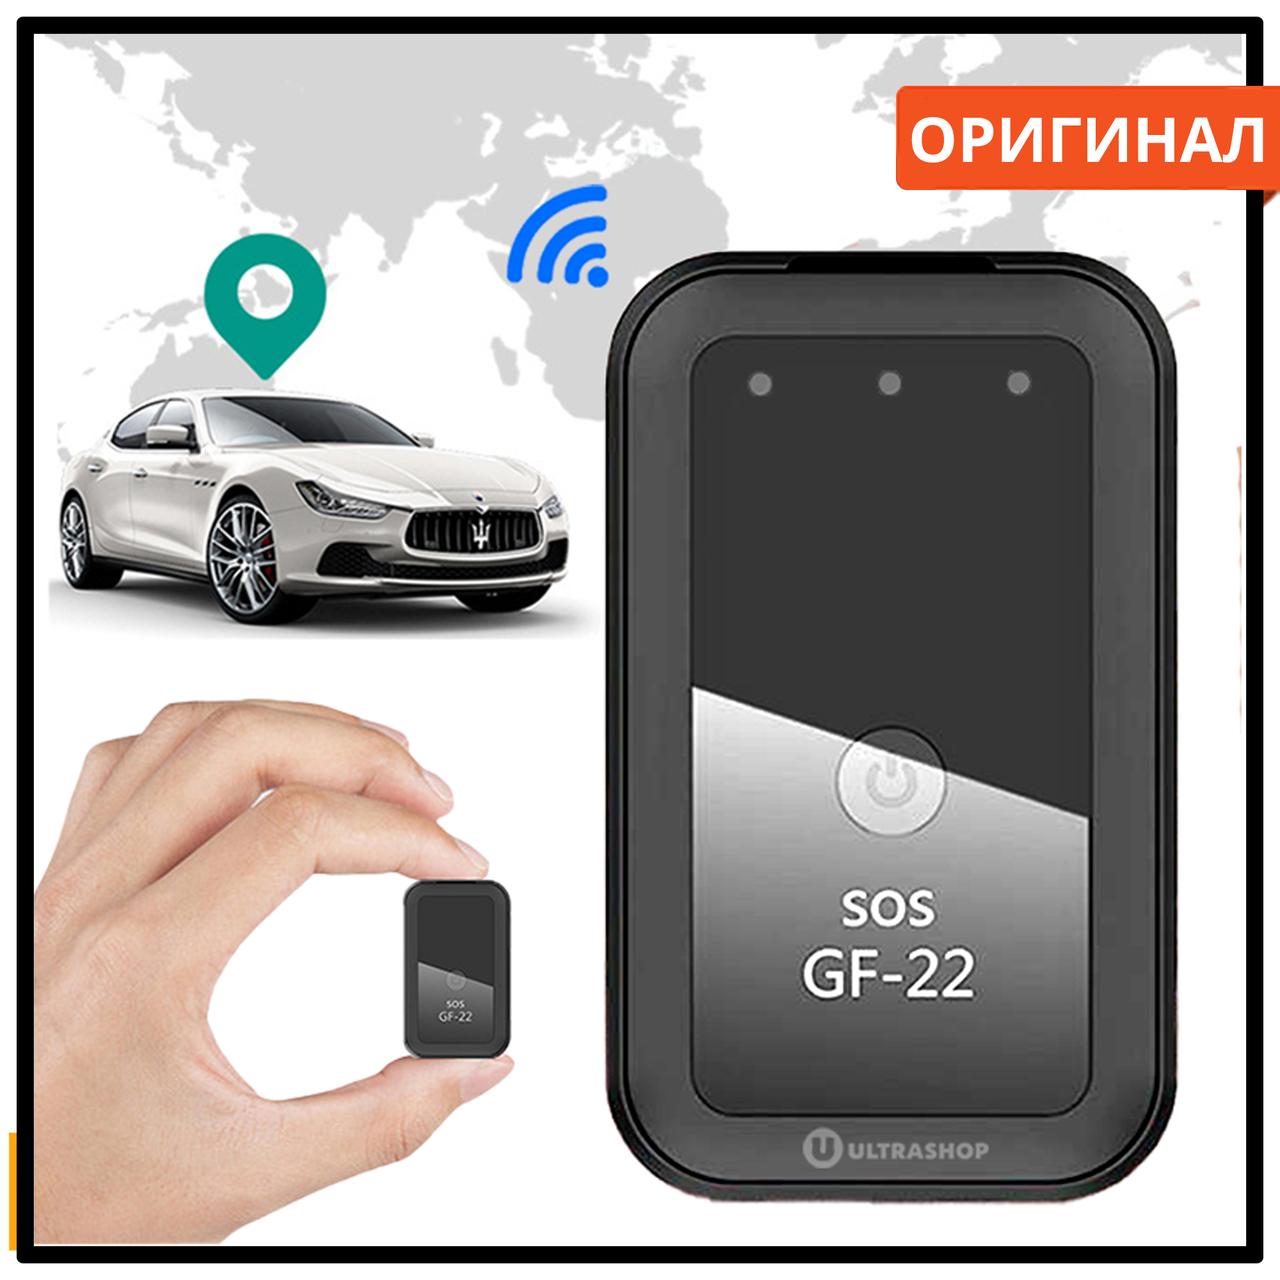 Лучший GPS-трекер 2021 - GF-22 Original • Точный Онлайн • HD Прослушка GSM Диктофон + Магниты 21 09 08 07